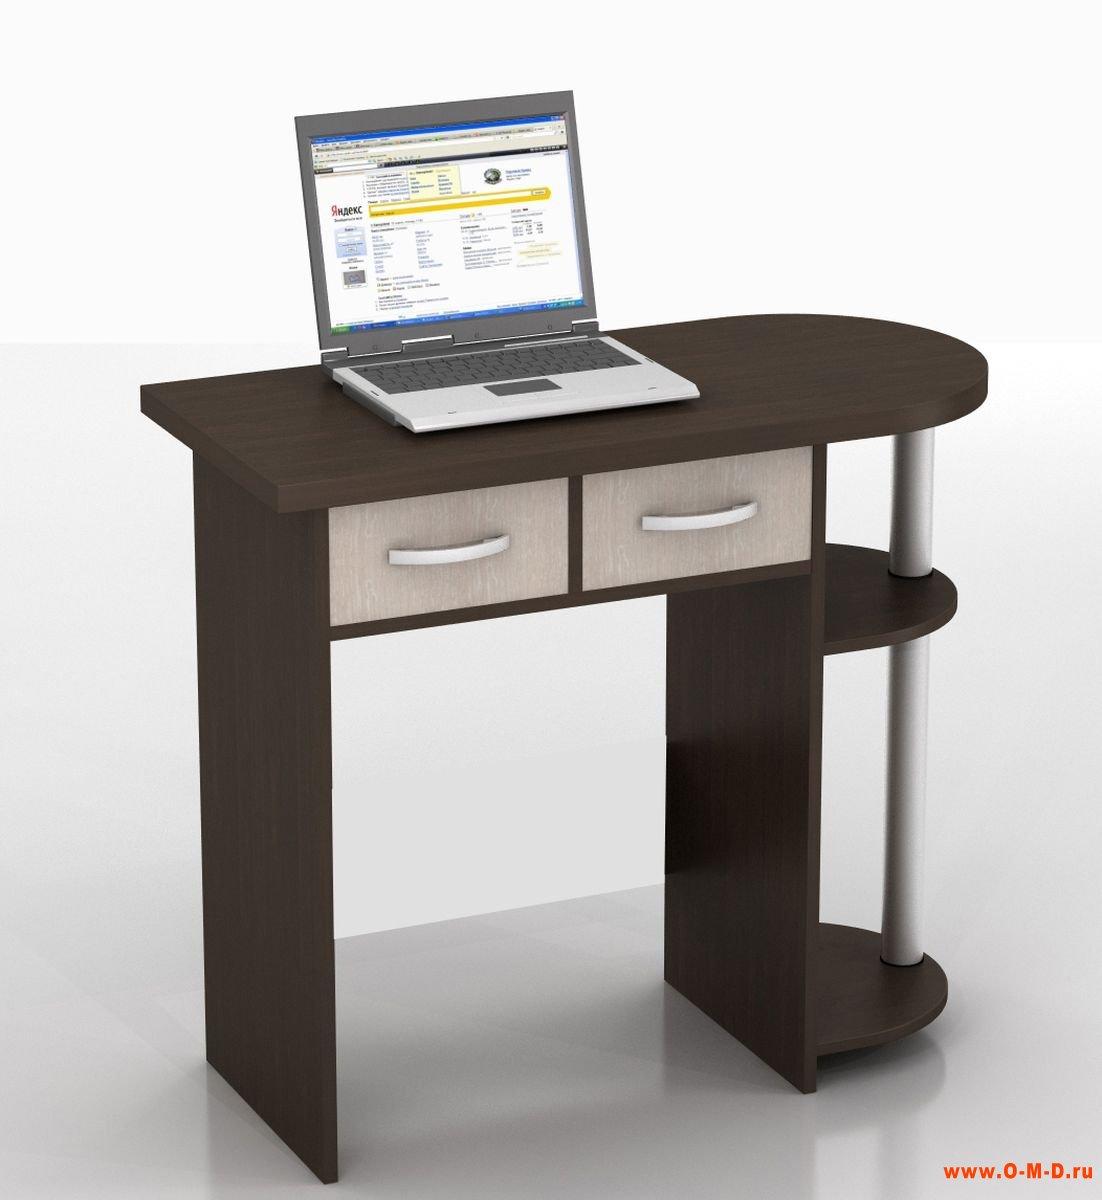 Фото малогабаритных компьютерных столов 5